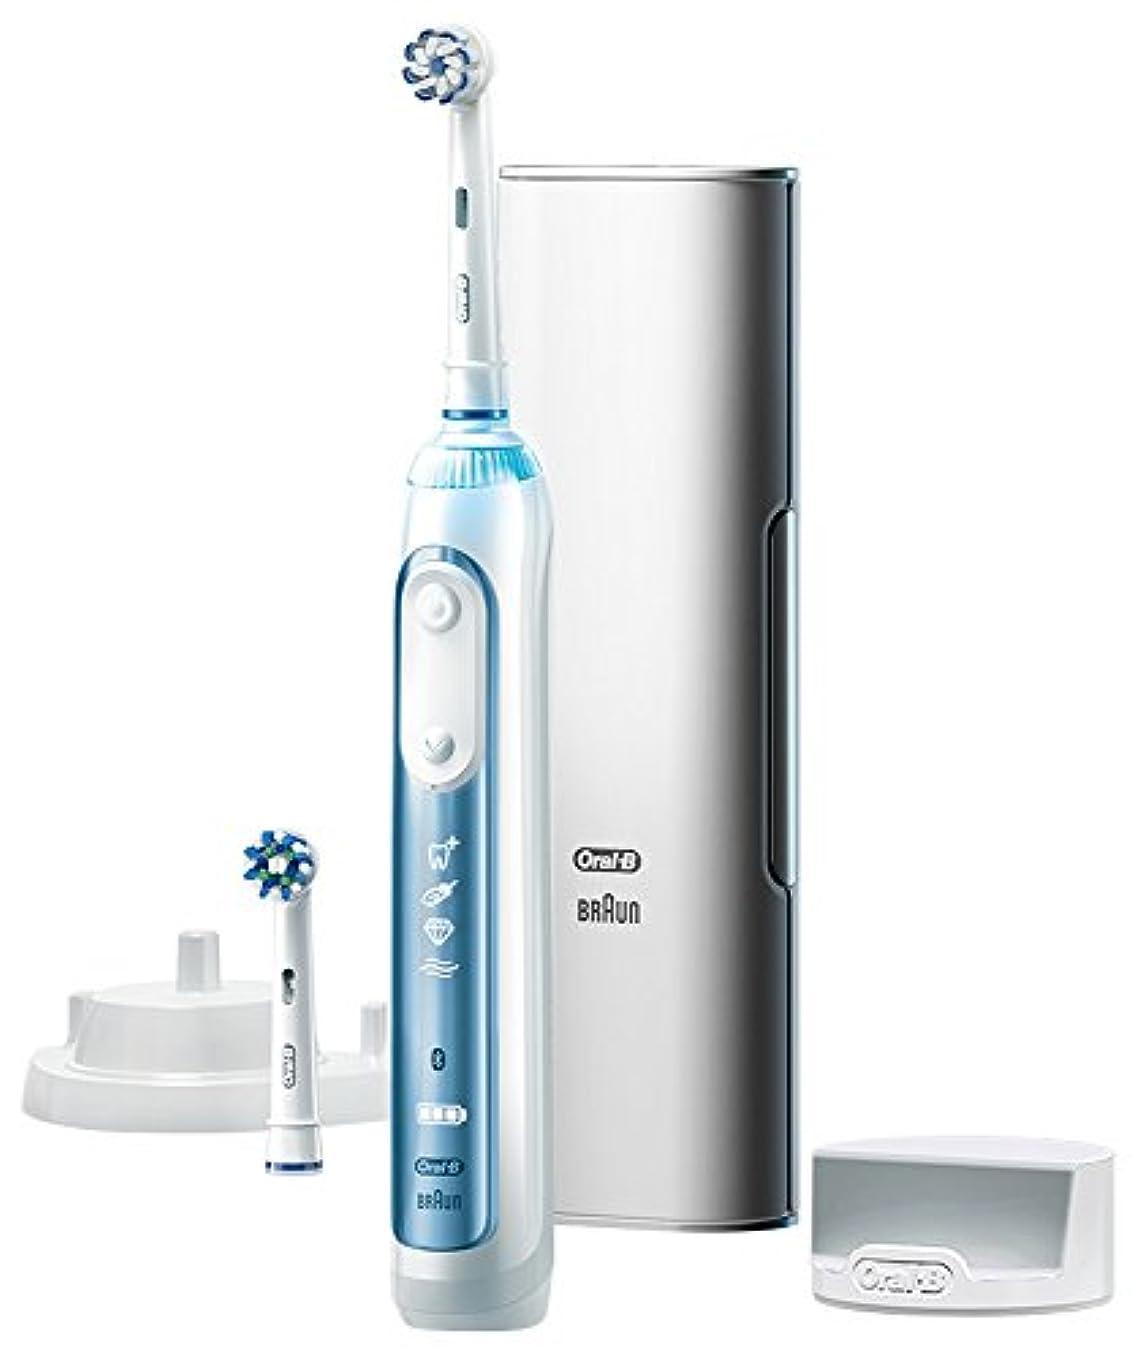 ゆりかご悲しみすみませんブラウン オーラルB 電動歯ブラシ スマート7000 D7005245XP D7005245XP